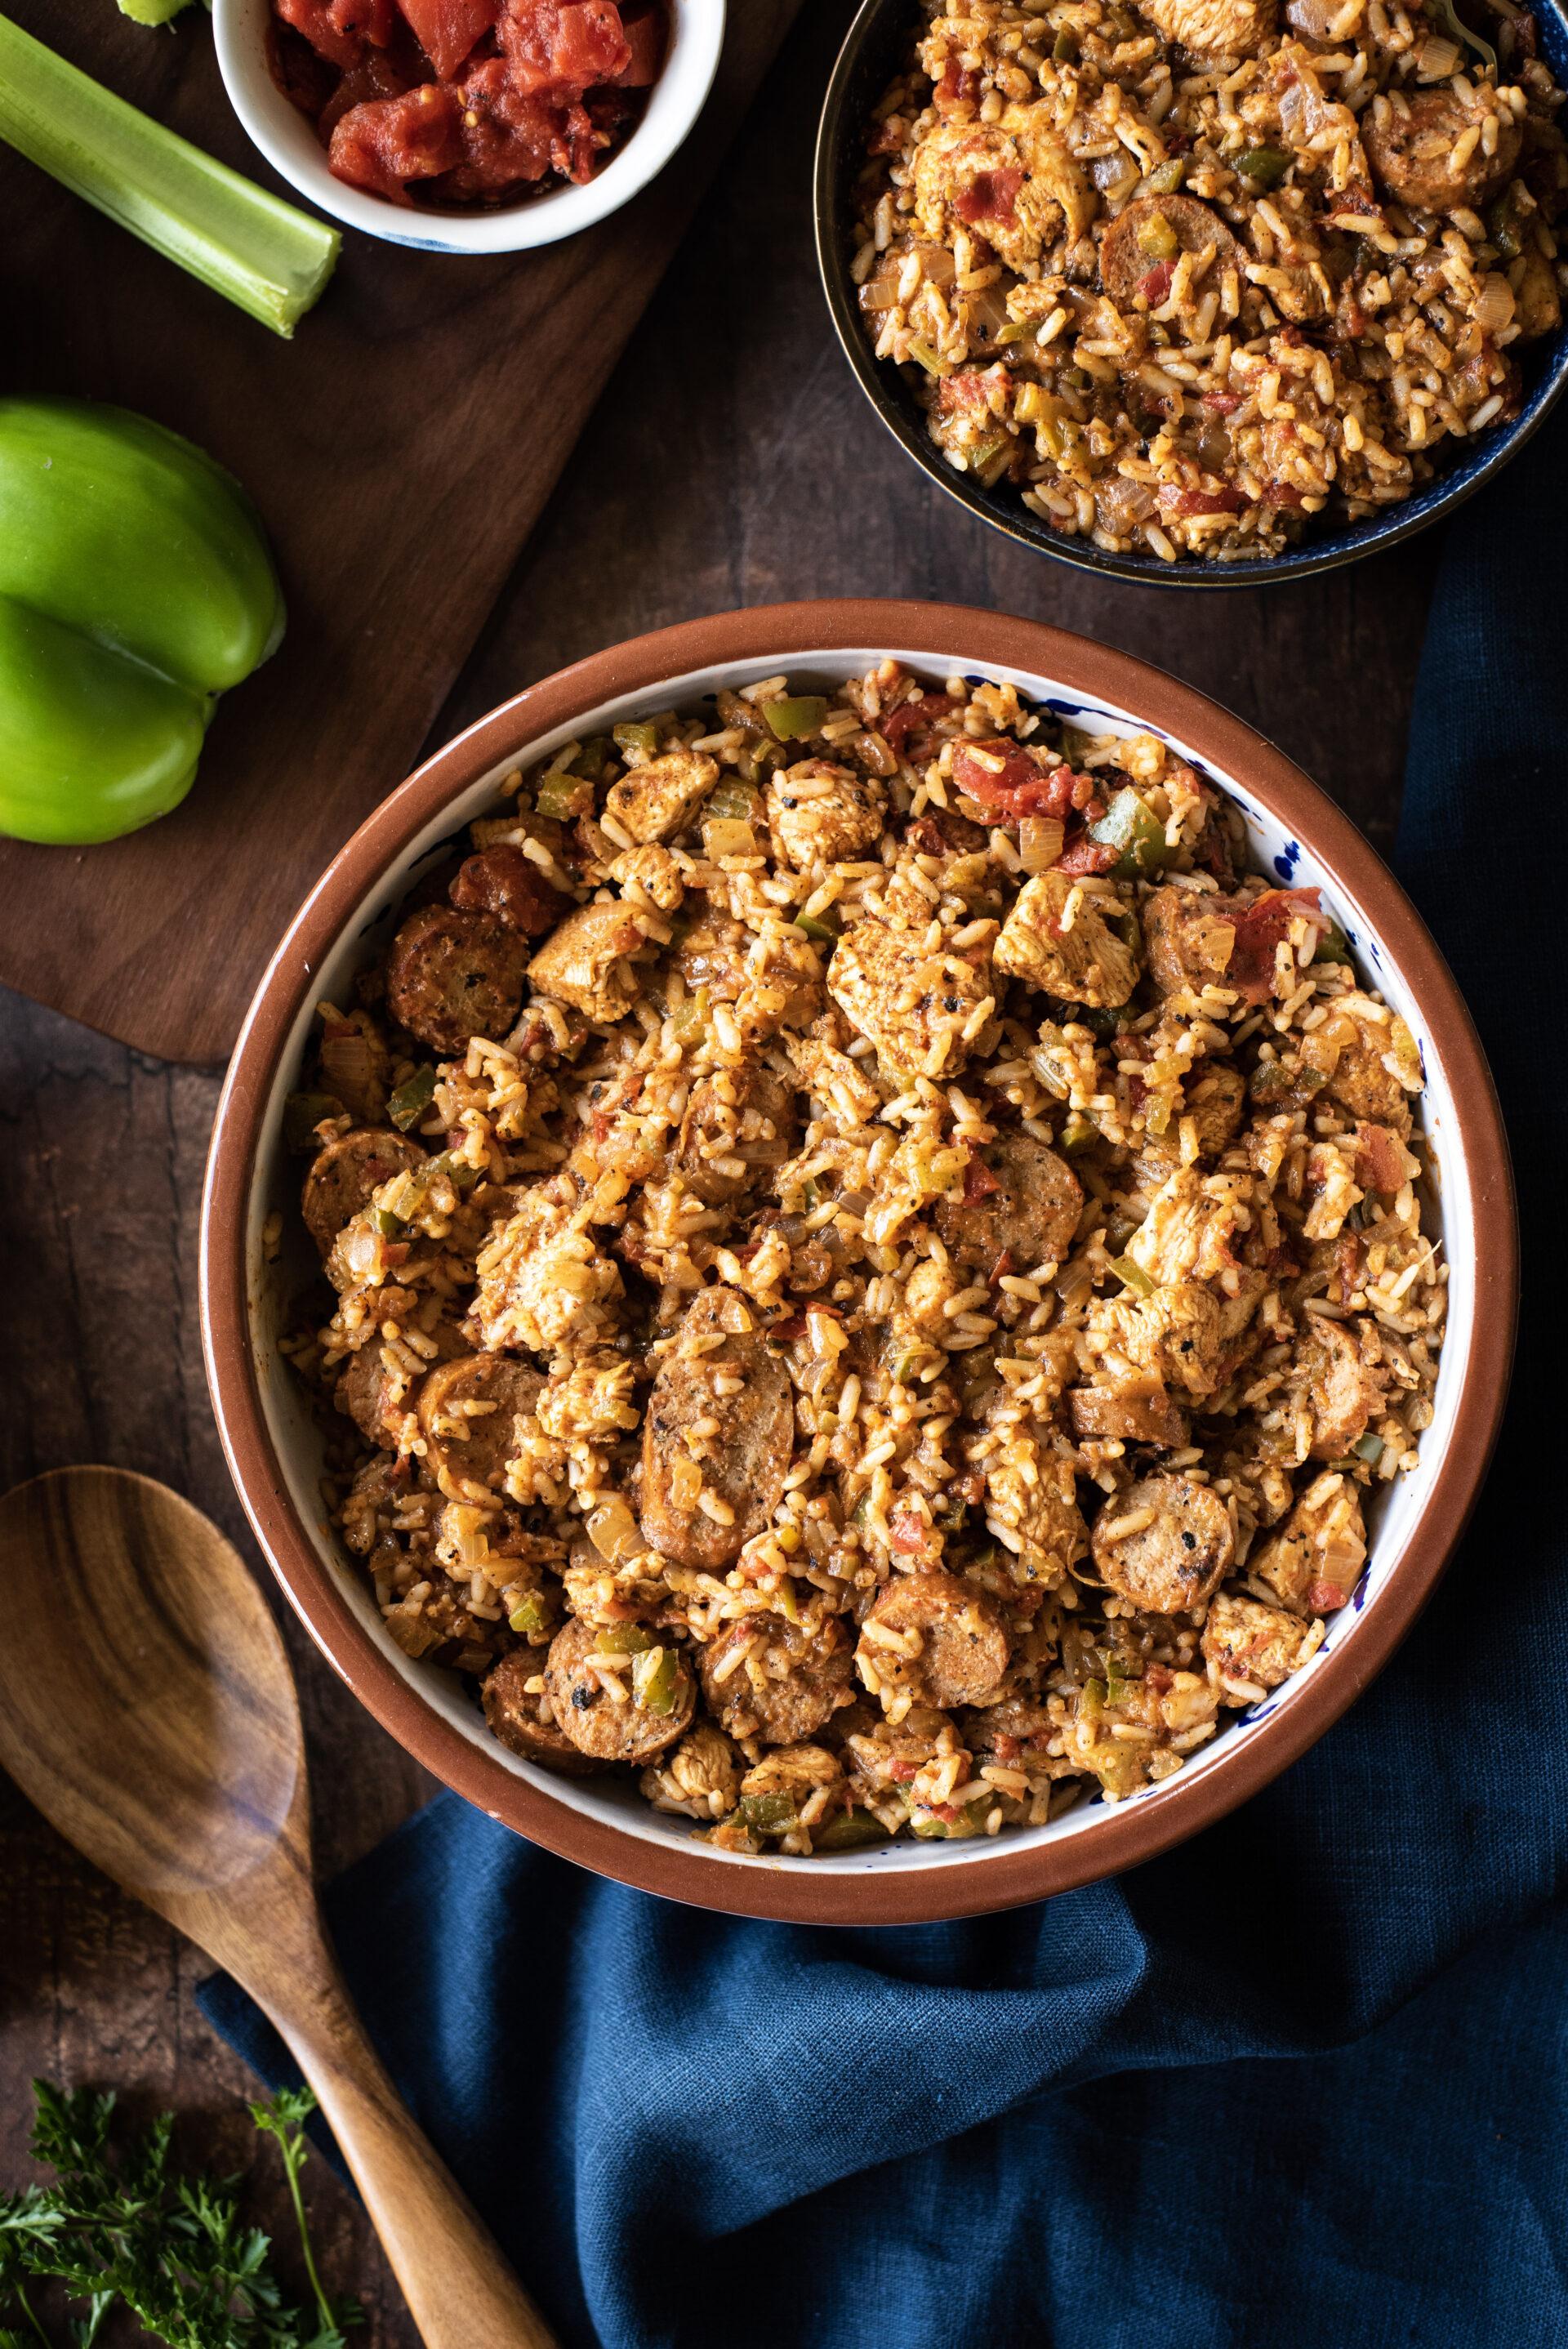 Large serving bowl and single serving bowl of jambalaya